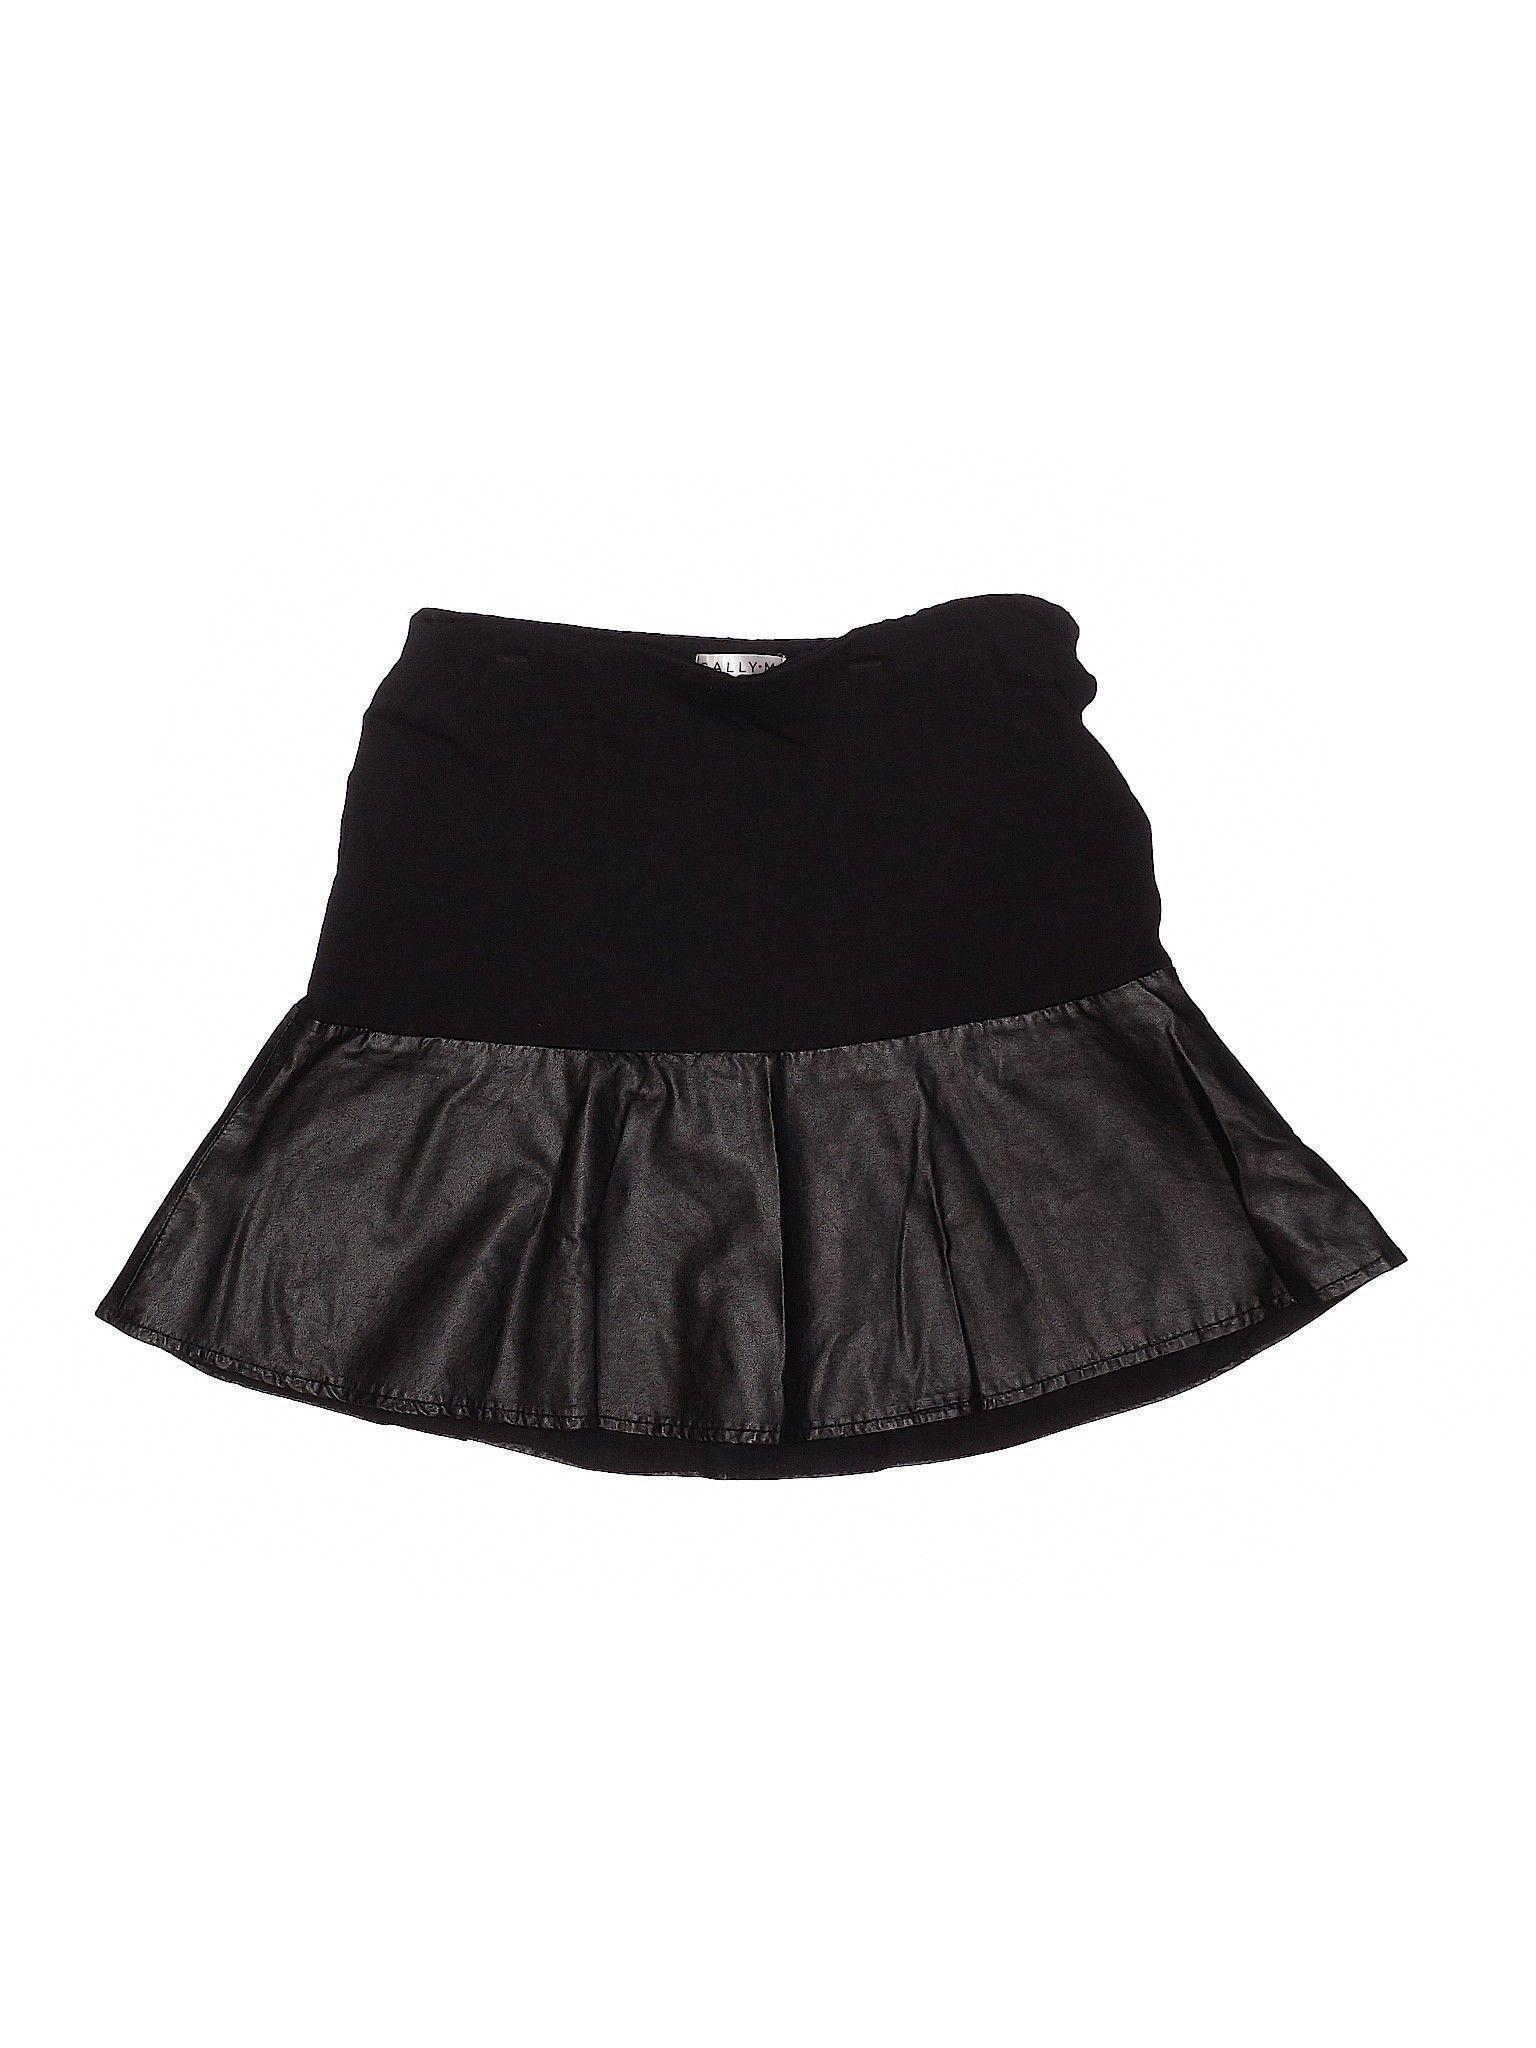 Sally Miller Skirt - 16: Black Girl's Skirts & Dresses - Size 14 #sallymiller Sally Miller Skirt - 16: Black Girl's Skirts & Dresses - Size 14 #sallymiller Sally Miller Skirt - 16: Black Girl's Skirts & Dresses - Size 14 #sallymiller Sally Miller Skirt - 16: Black Girl's Skirts & Dresses - Size 14 #sallymiller Sally Miller Skirt - 16: Black Girl's Skirts & Dresses - Size 14 #sallymiller Sally Miller Skirt - 16: Black Girl's Skirts & Dresses - Size 14 #sallymiller Sally Miller Skirt - 16: Black G #sallymiller